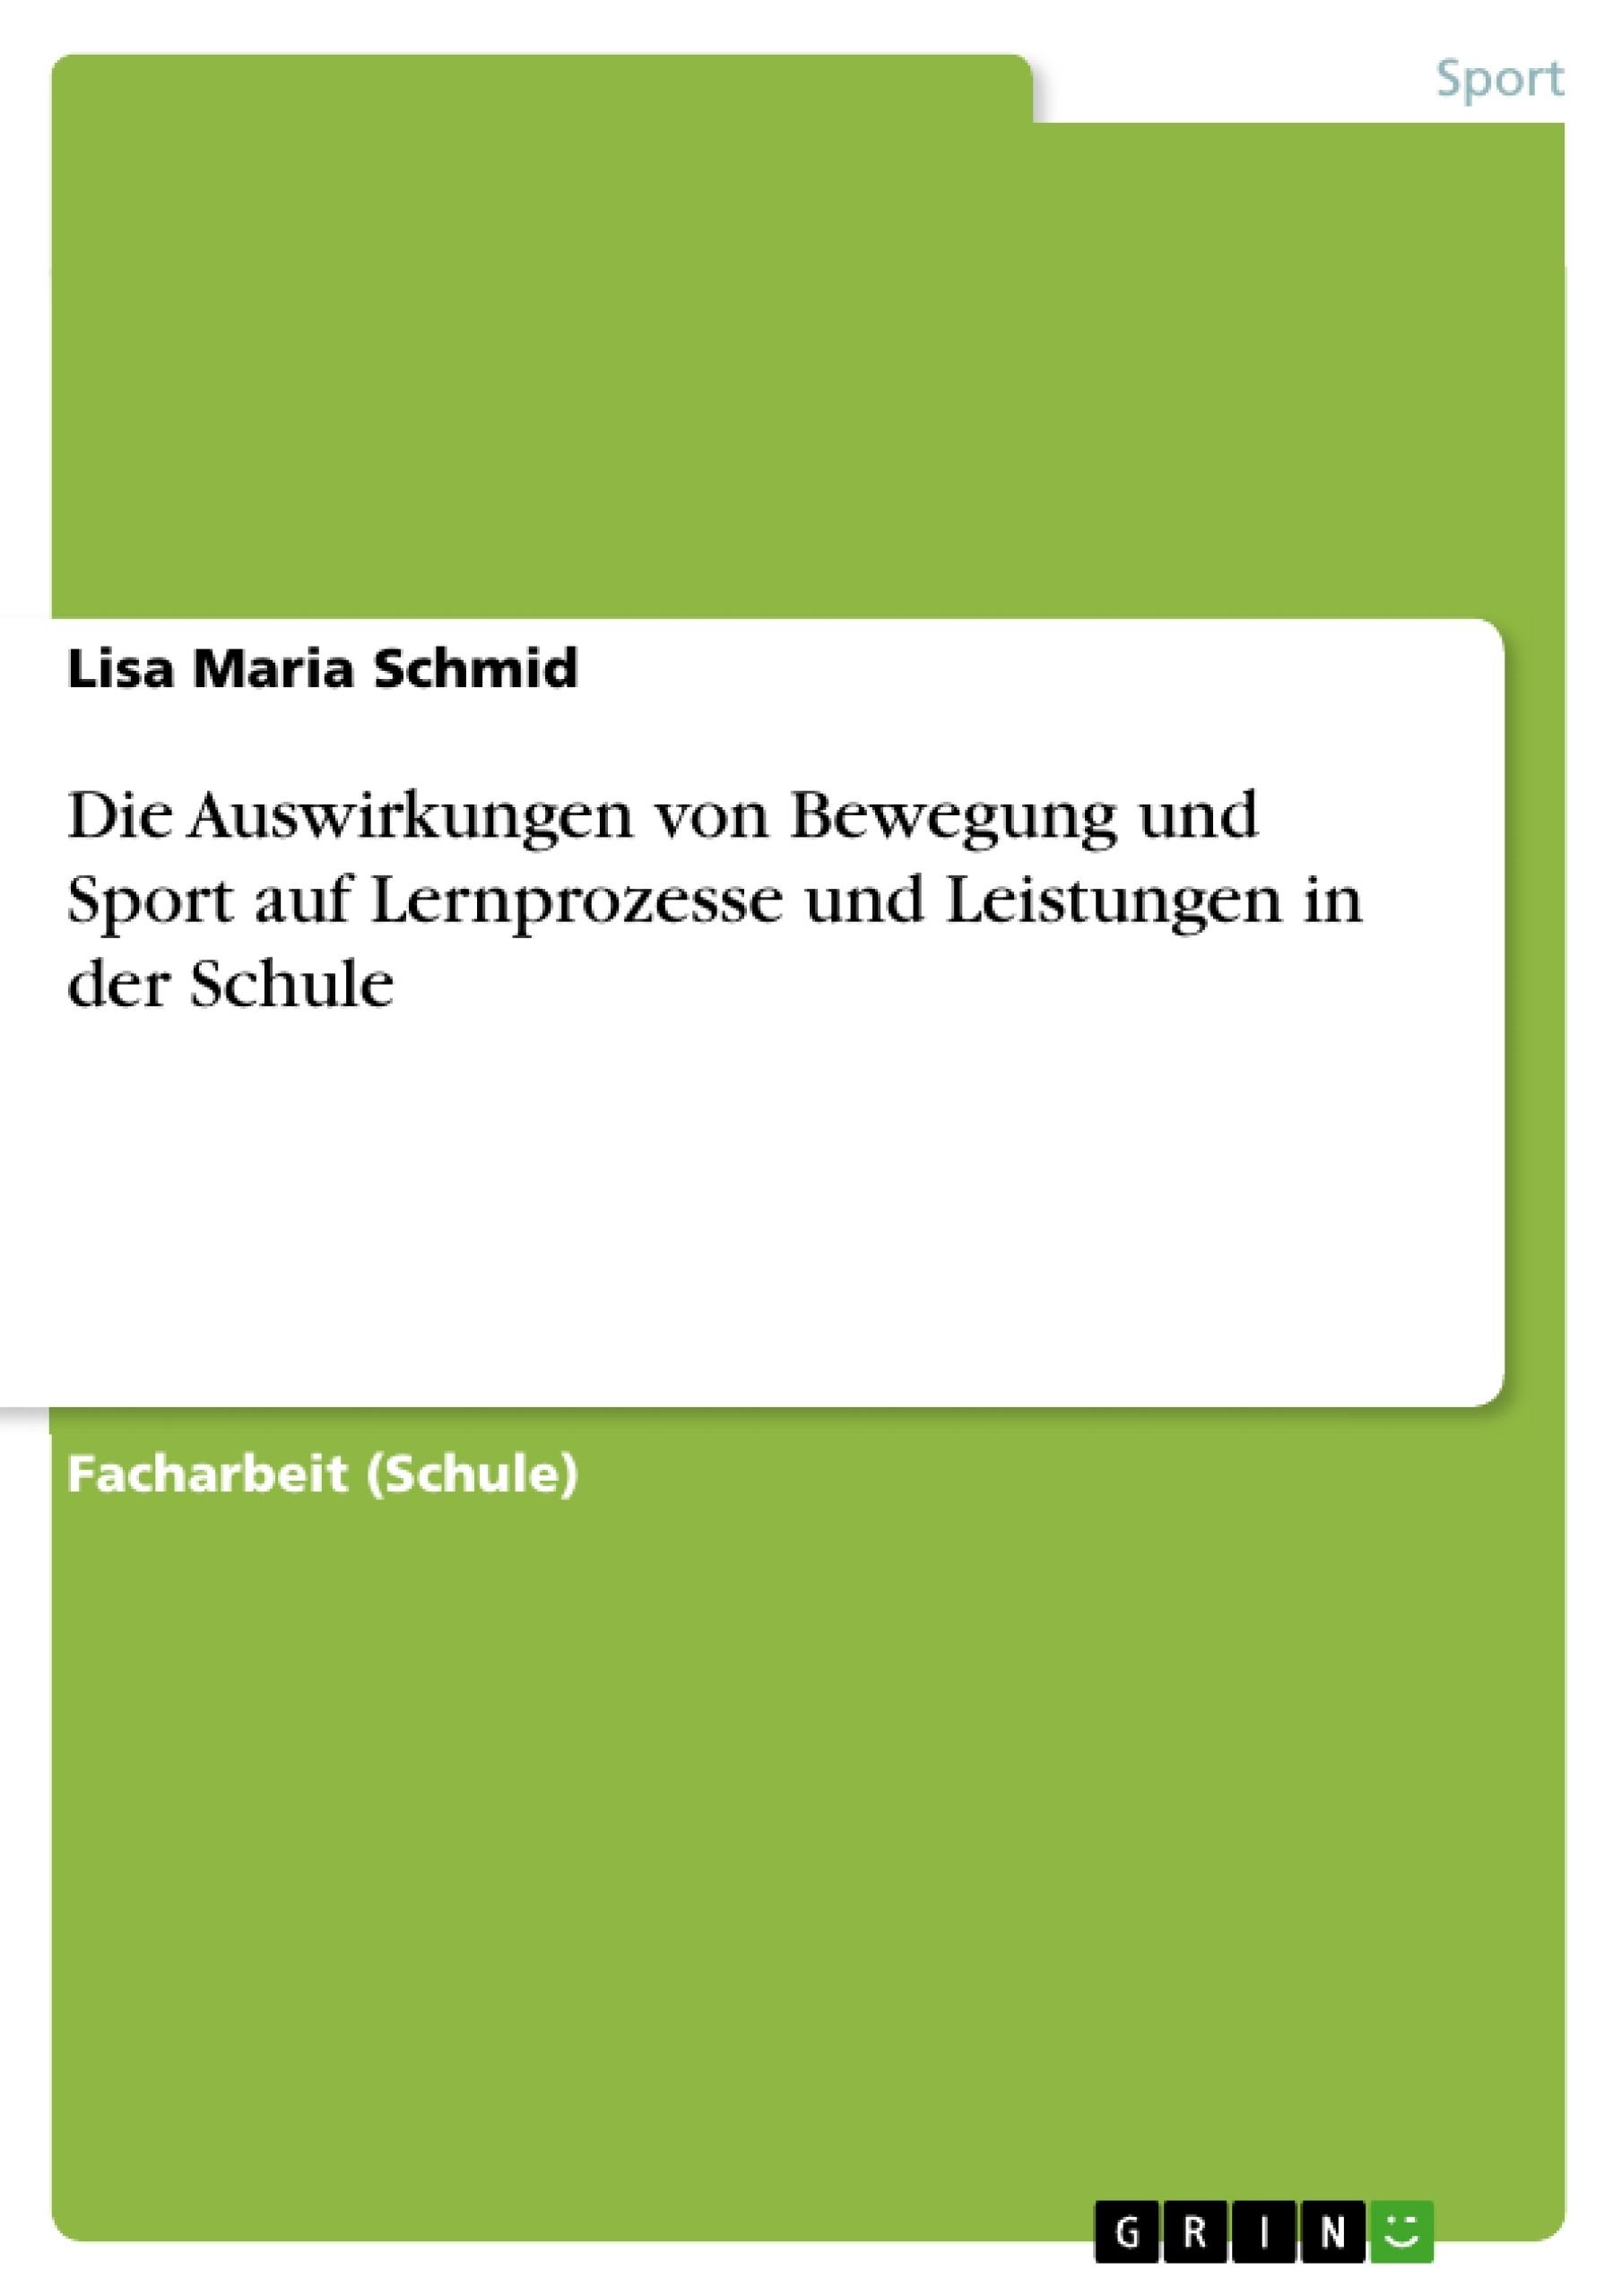 Titel: Die Auswirkungen von Bewegung und Sport auf Lernprozesse und Leistungen in der Schule